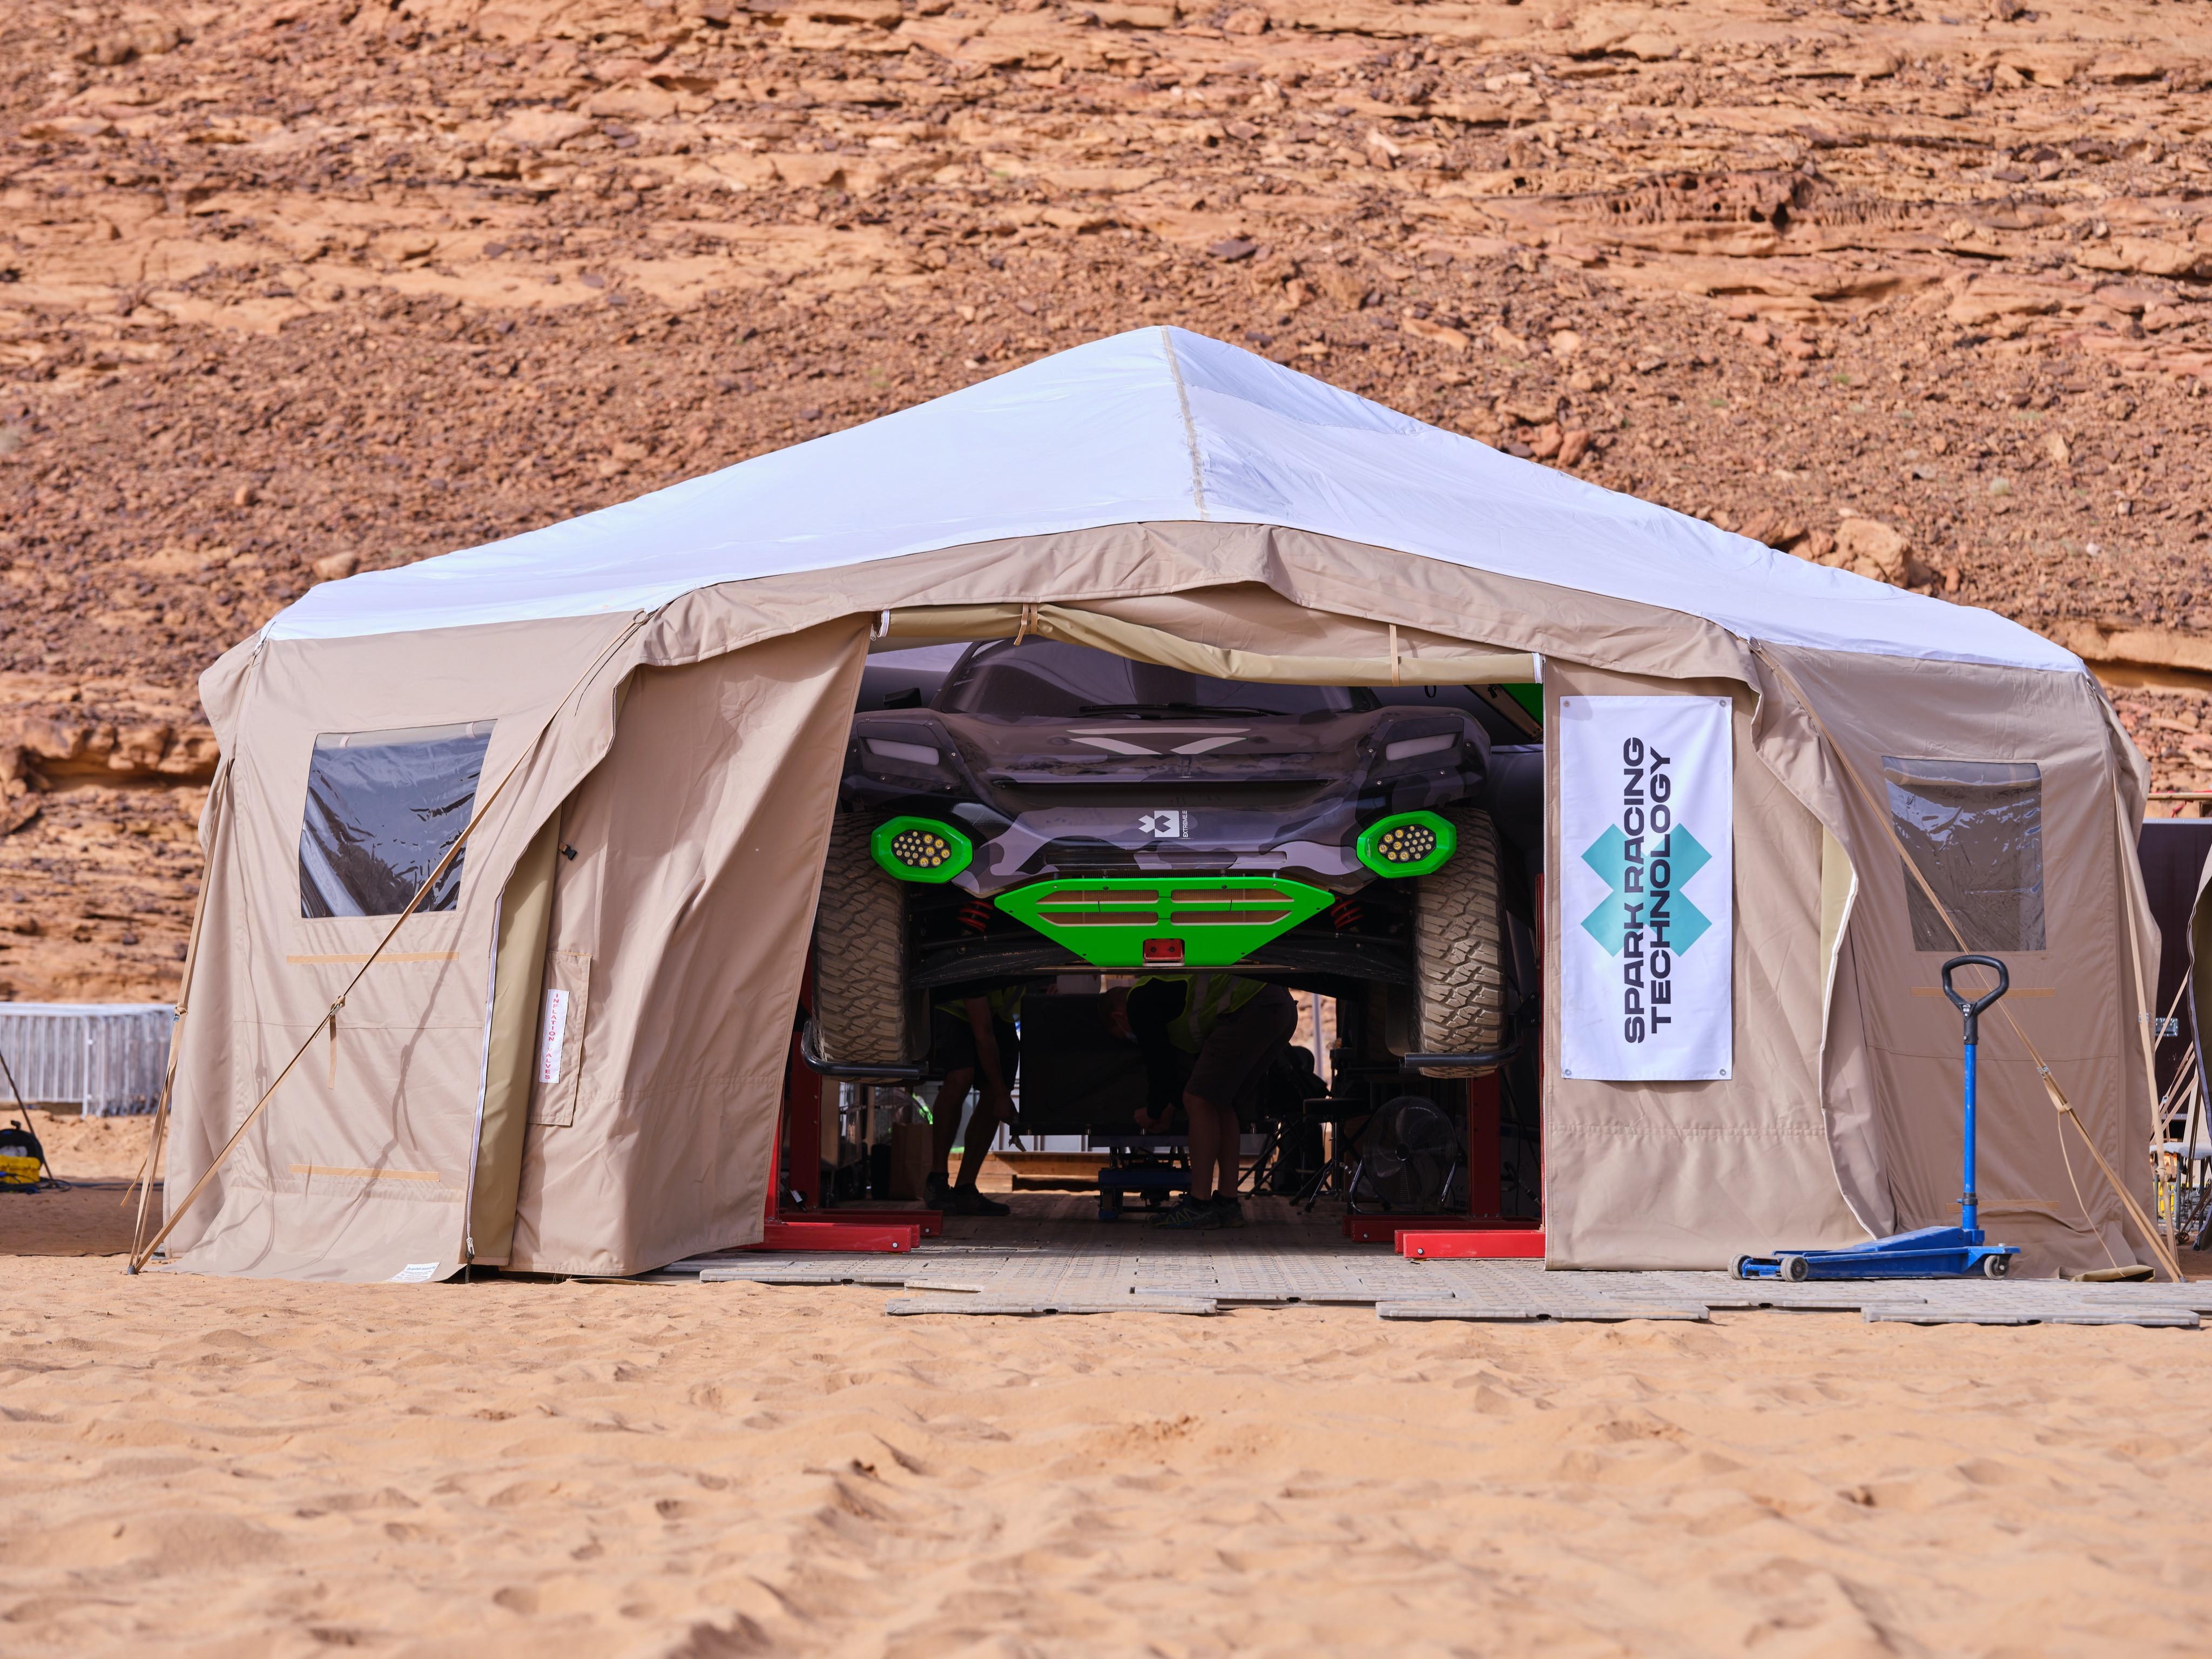 Extreme E &egrave; pronta a partire: il primo campionato di SUV elettrici &egrave; approdato in Arabia Saudita, dove si svolger&agrave; il primo weekend di gare, tutte in diretta su Mediaset. Le prime immagini del paddock che accoglie i nove team e i SUV Odyssey 21 nel deserto di&nbsp;AlUla&nbsp;sono state svelate dall&#39;account Twitter dell&#39;organizzazione.<br /><br />